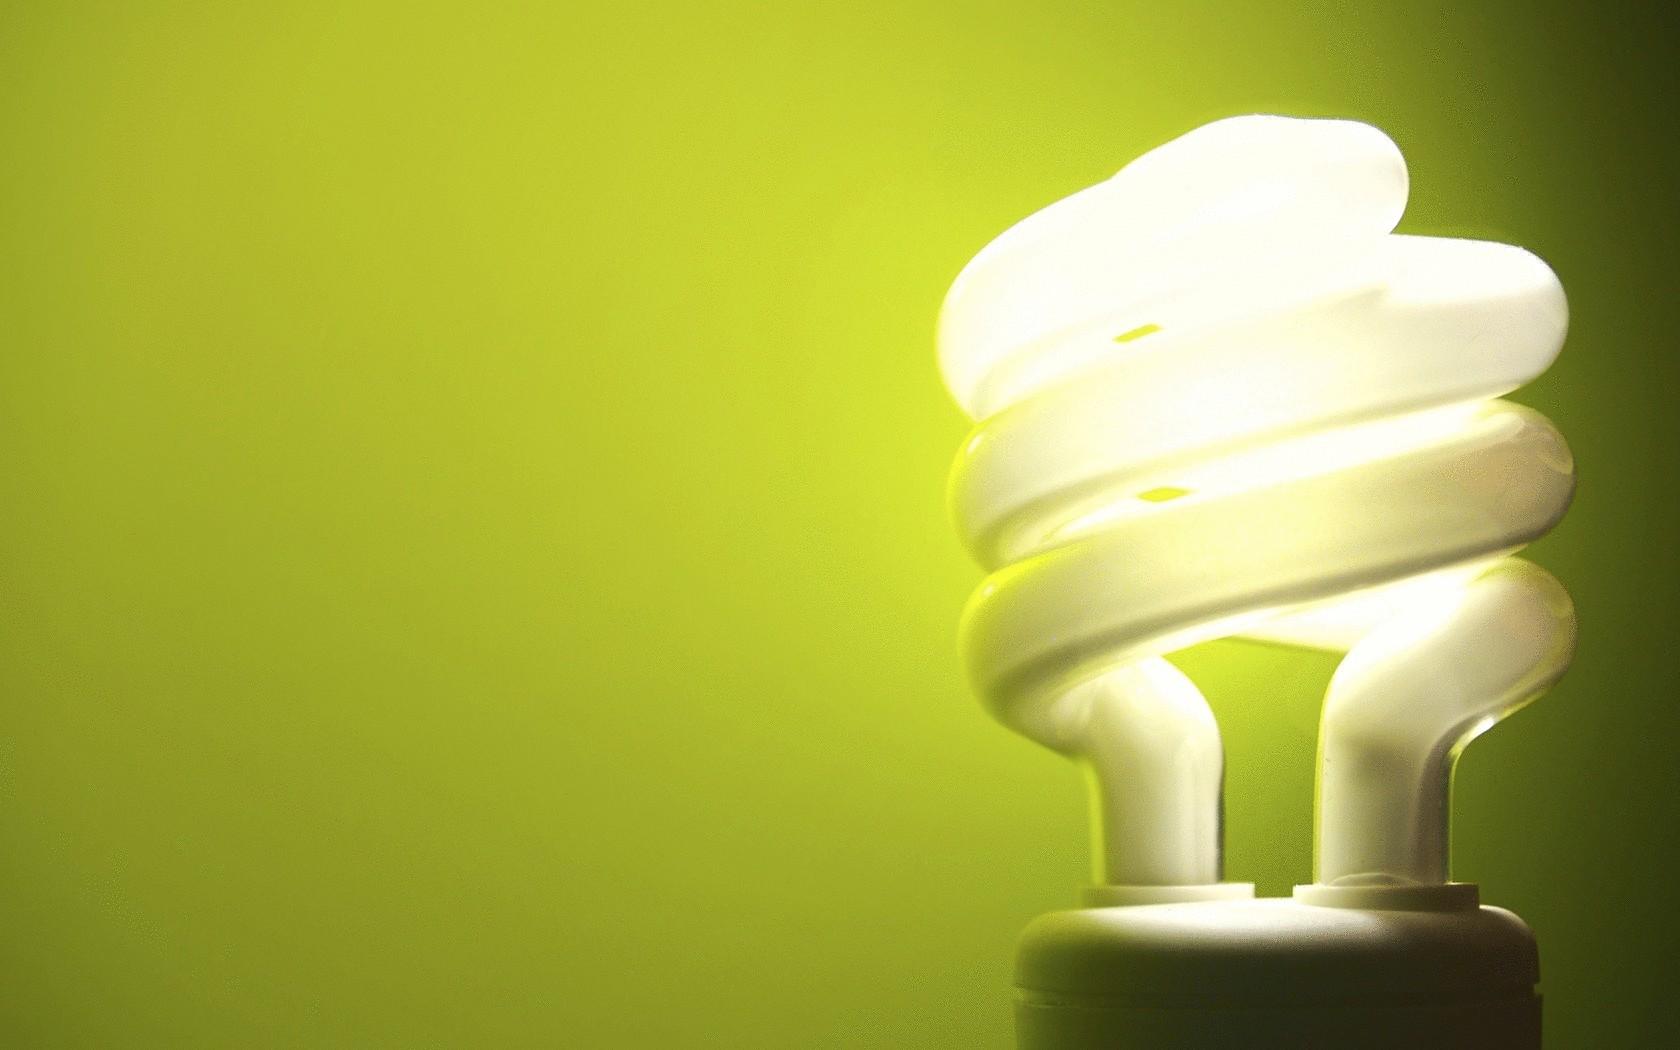 «Нам не до лампочки»: в Харькове пройдёт эко-акция по сбору энергосберегающих ламп